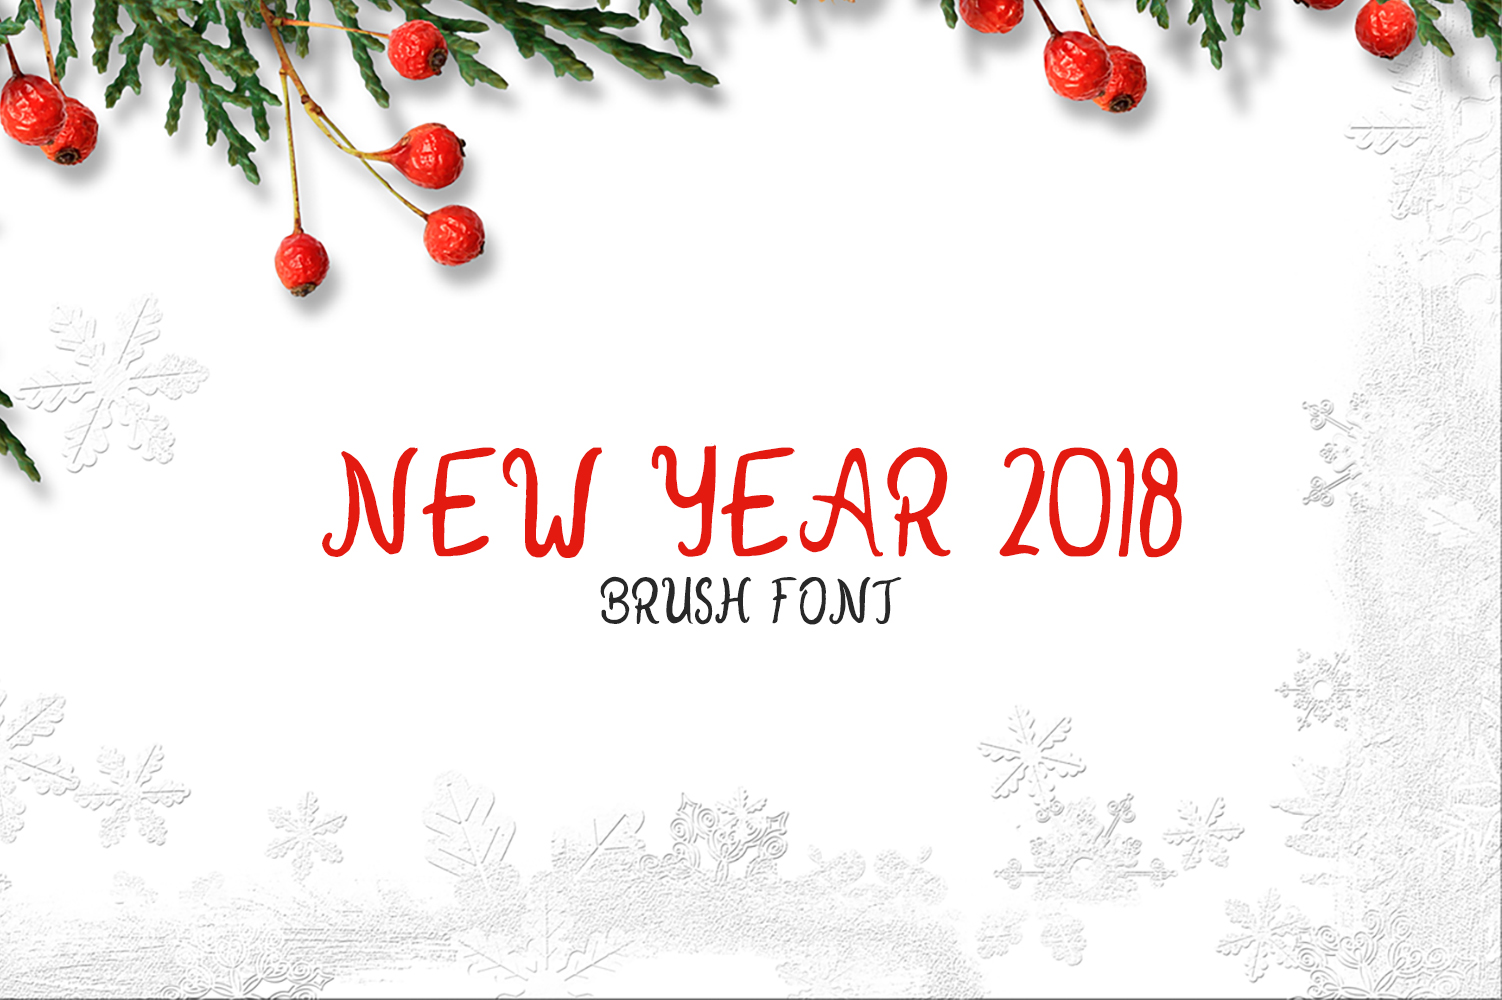 New Year 2018 Brush Font example image 1